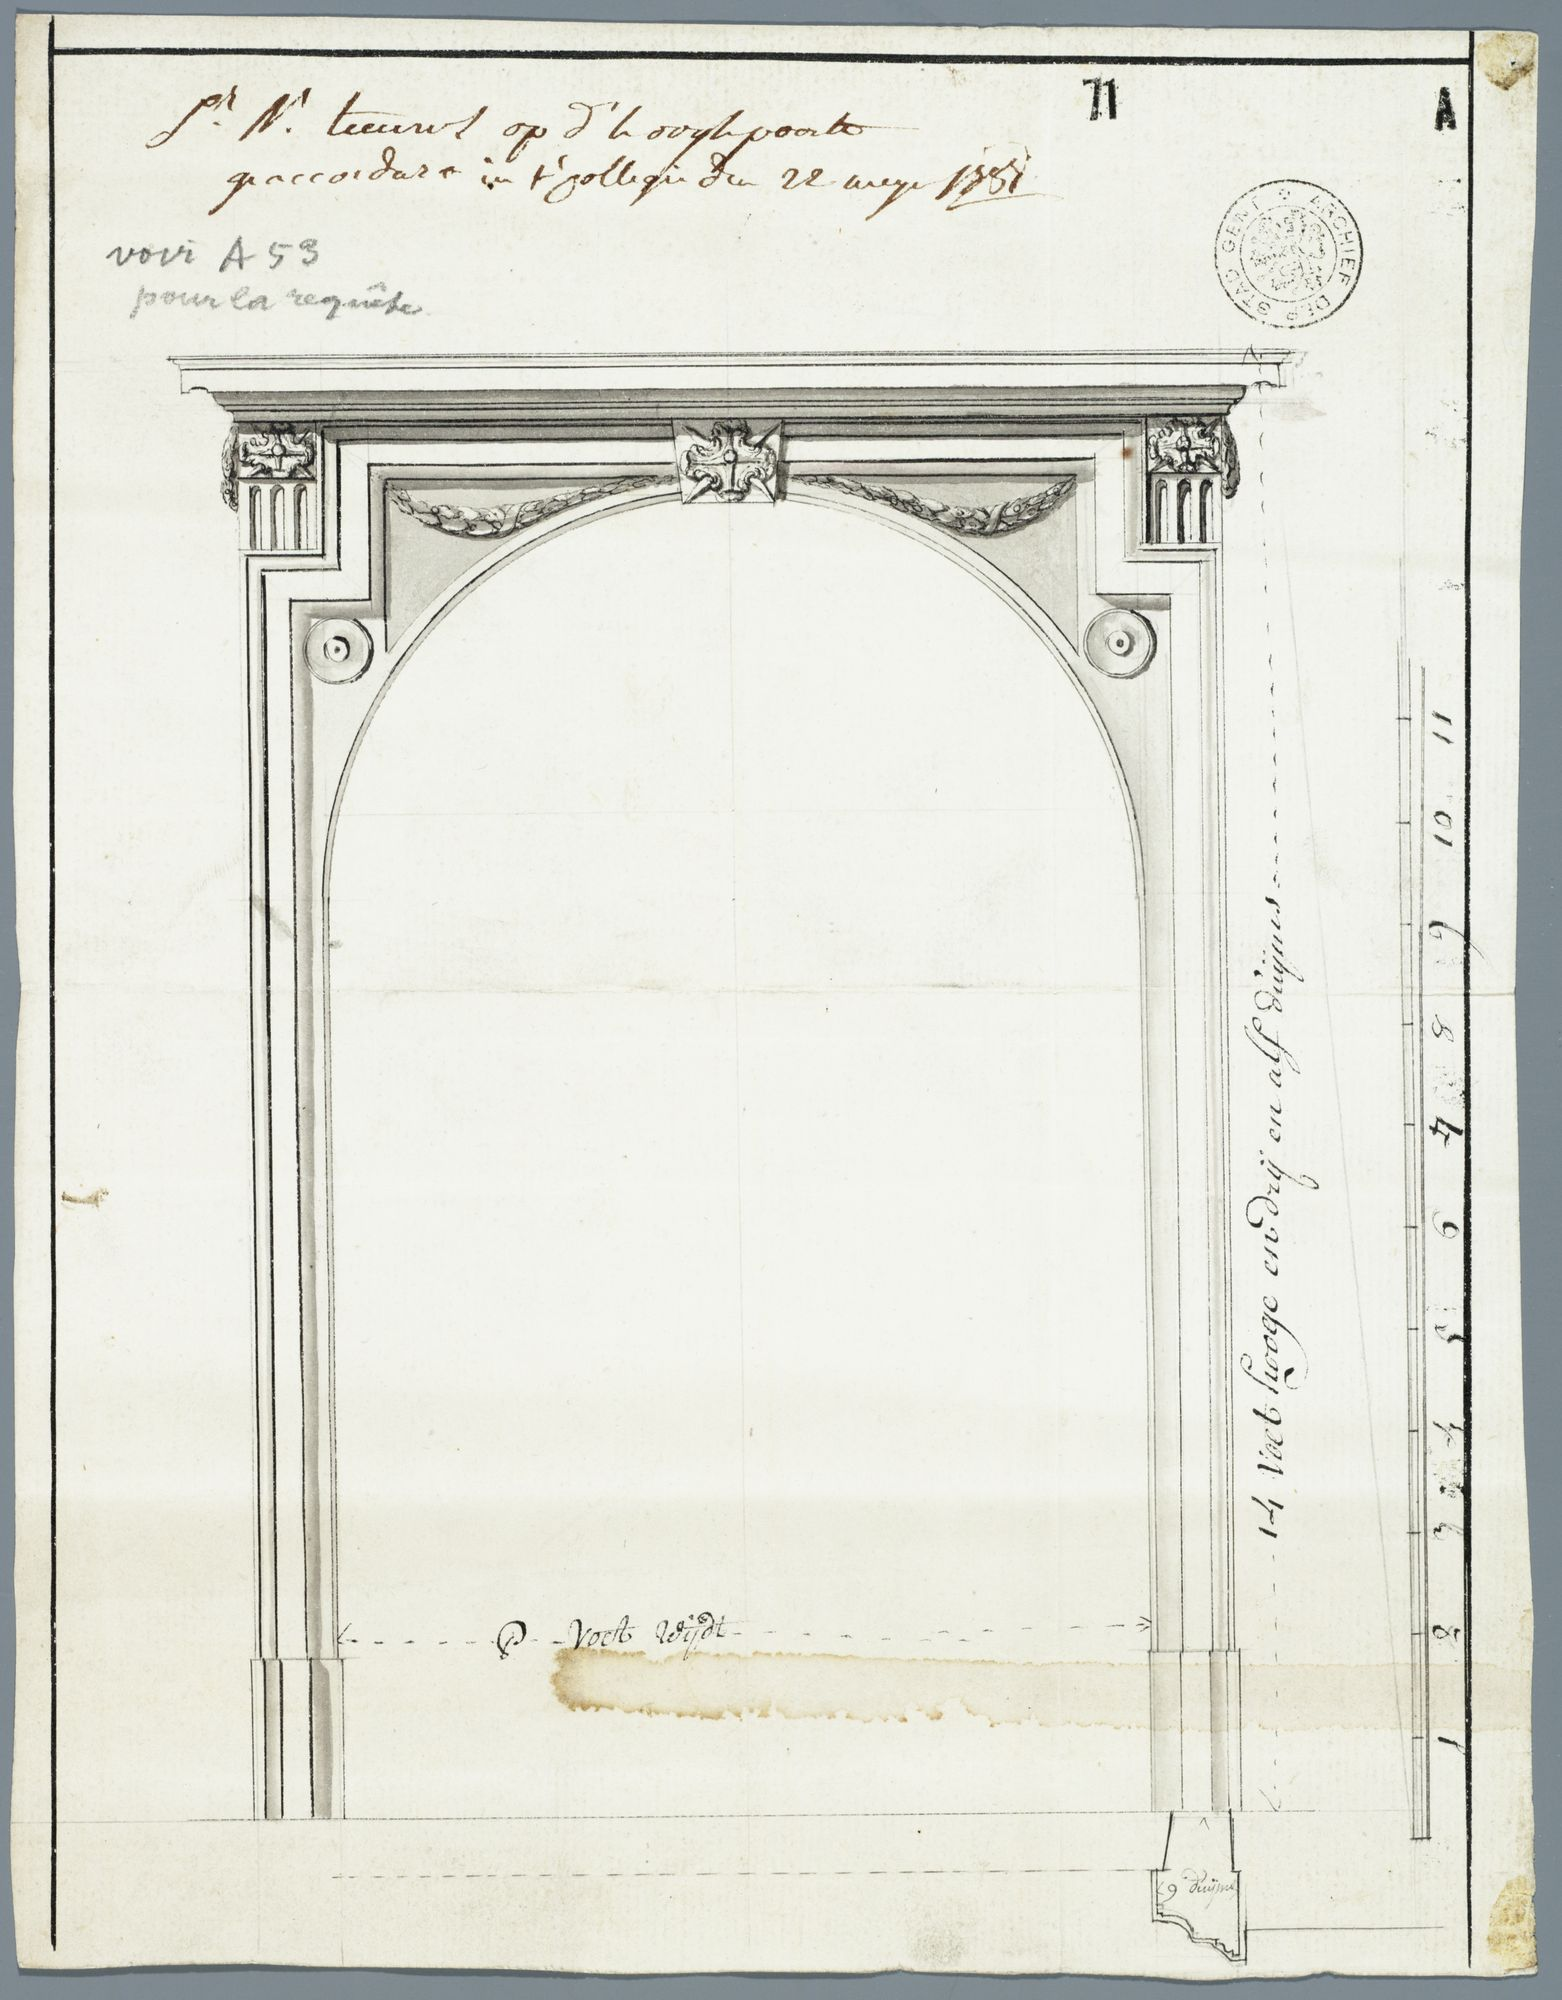 Gent: Hoogpoort, 1781: opstand poort